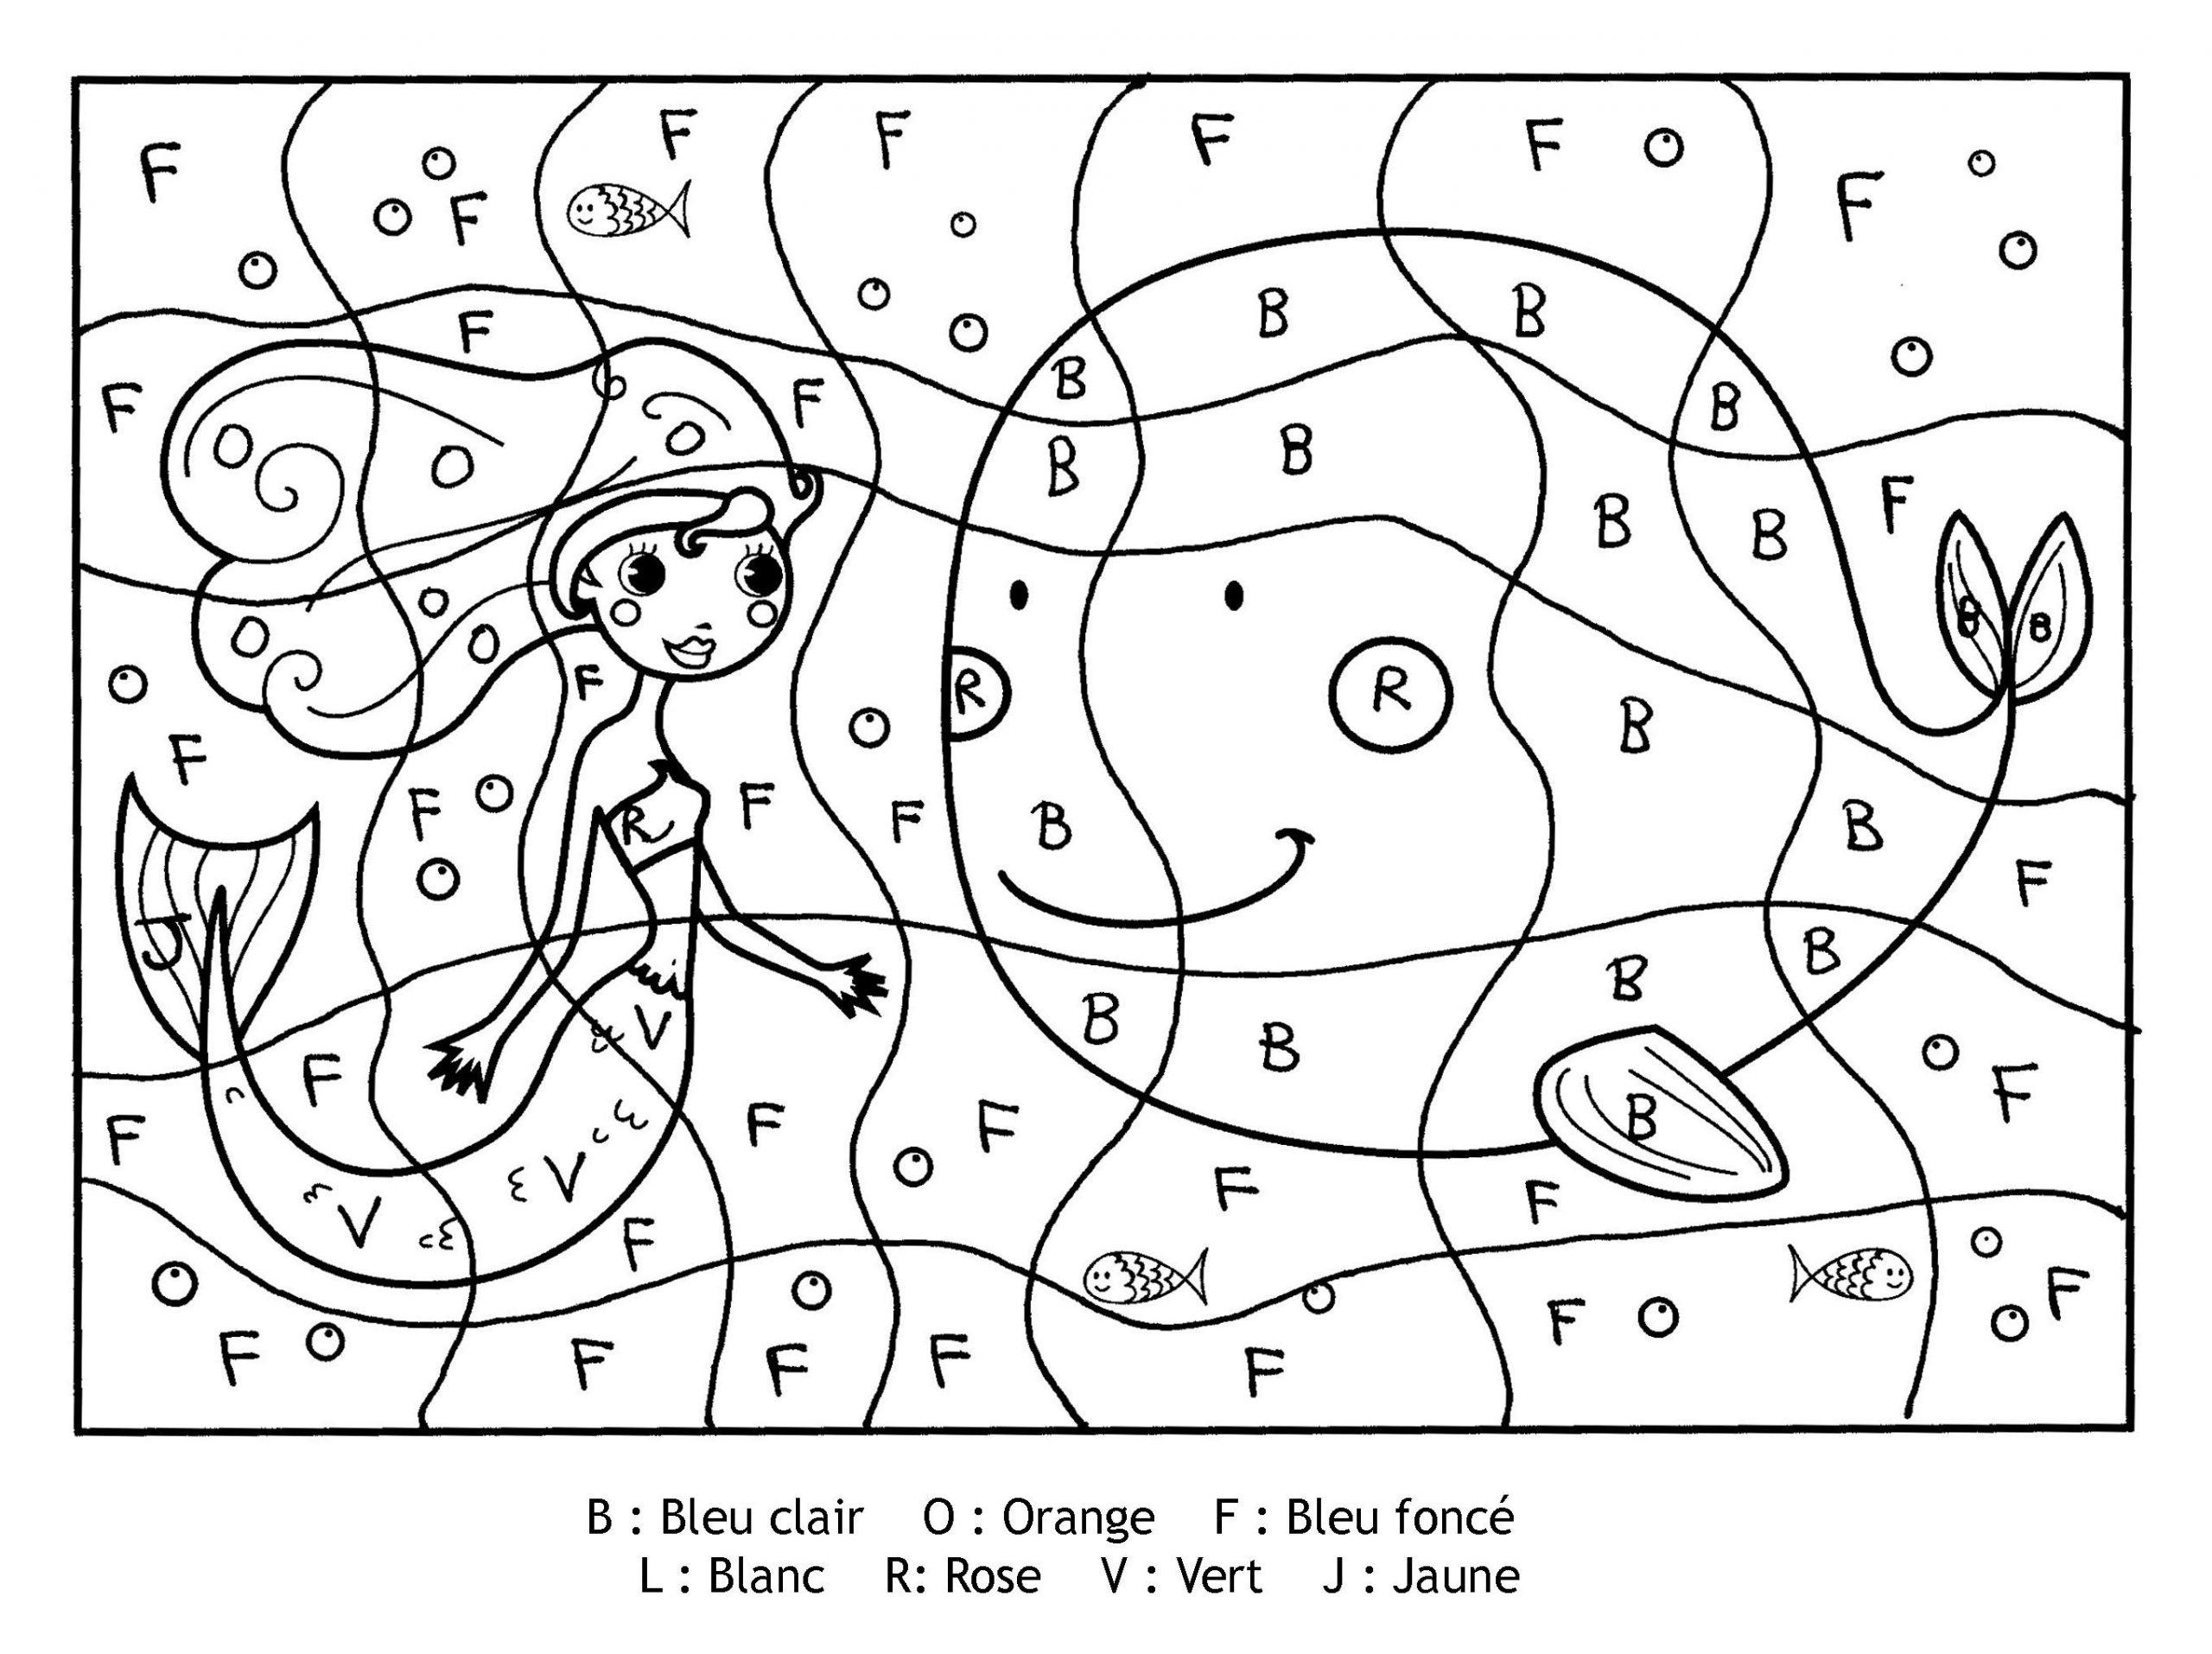 Pour Imprimer Ce Coloriage Gratuit «Coloriage-Magique concernant Coloriage Numero A Imprimer